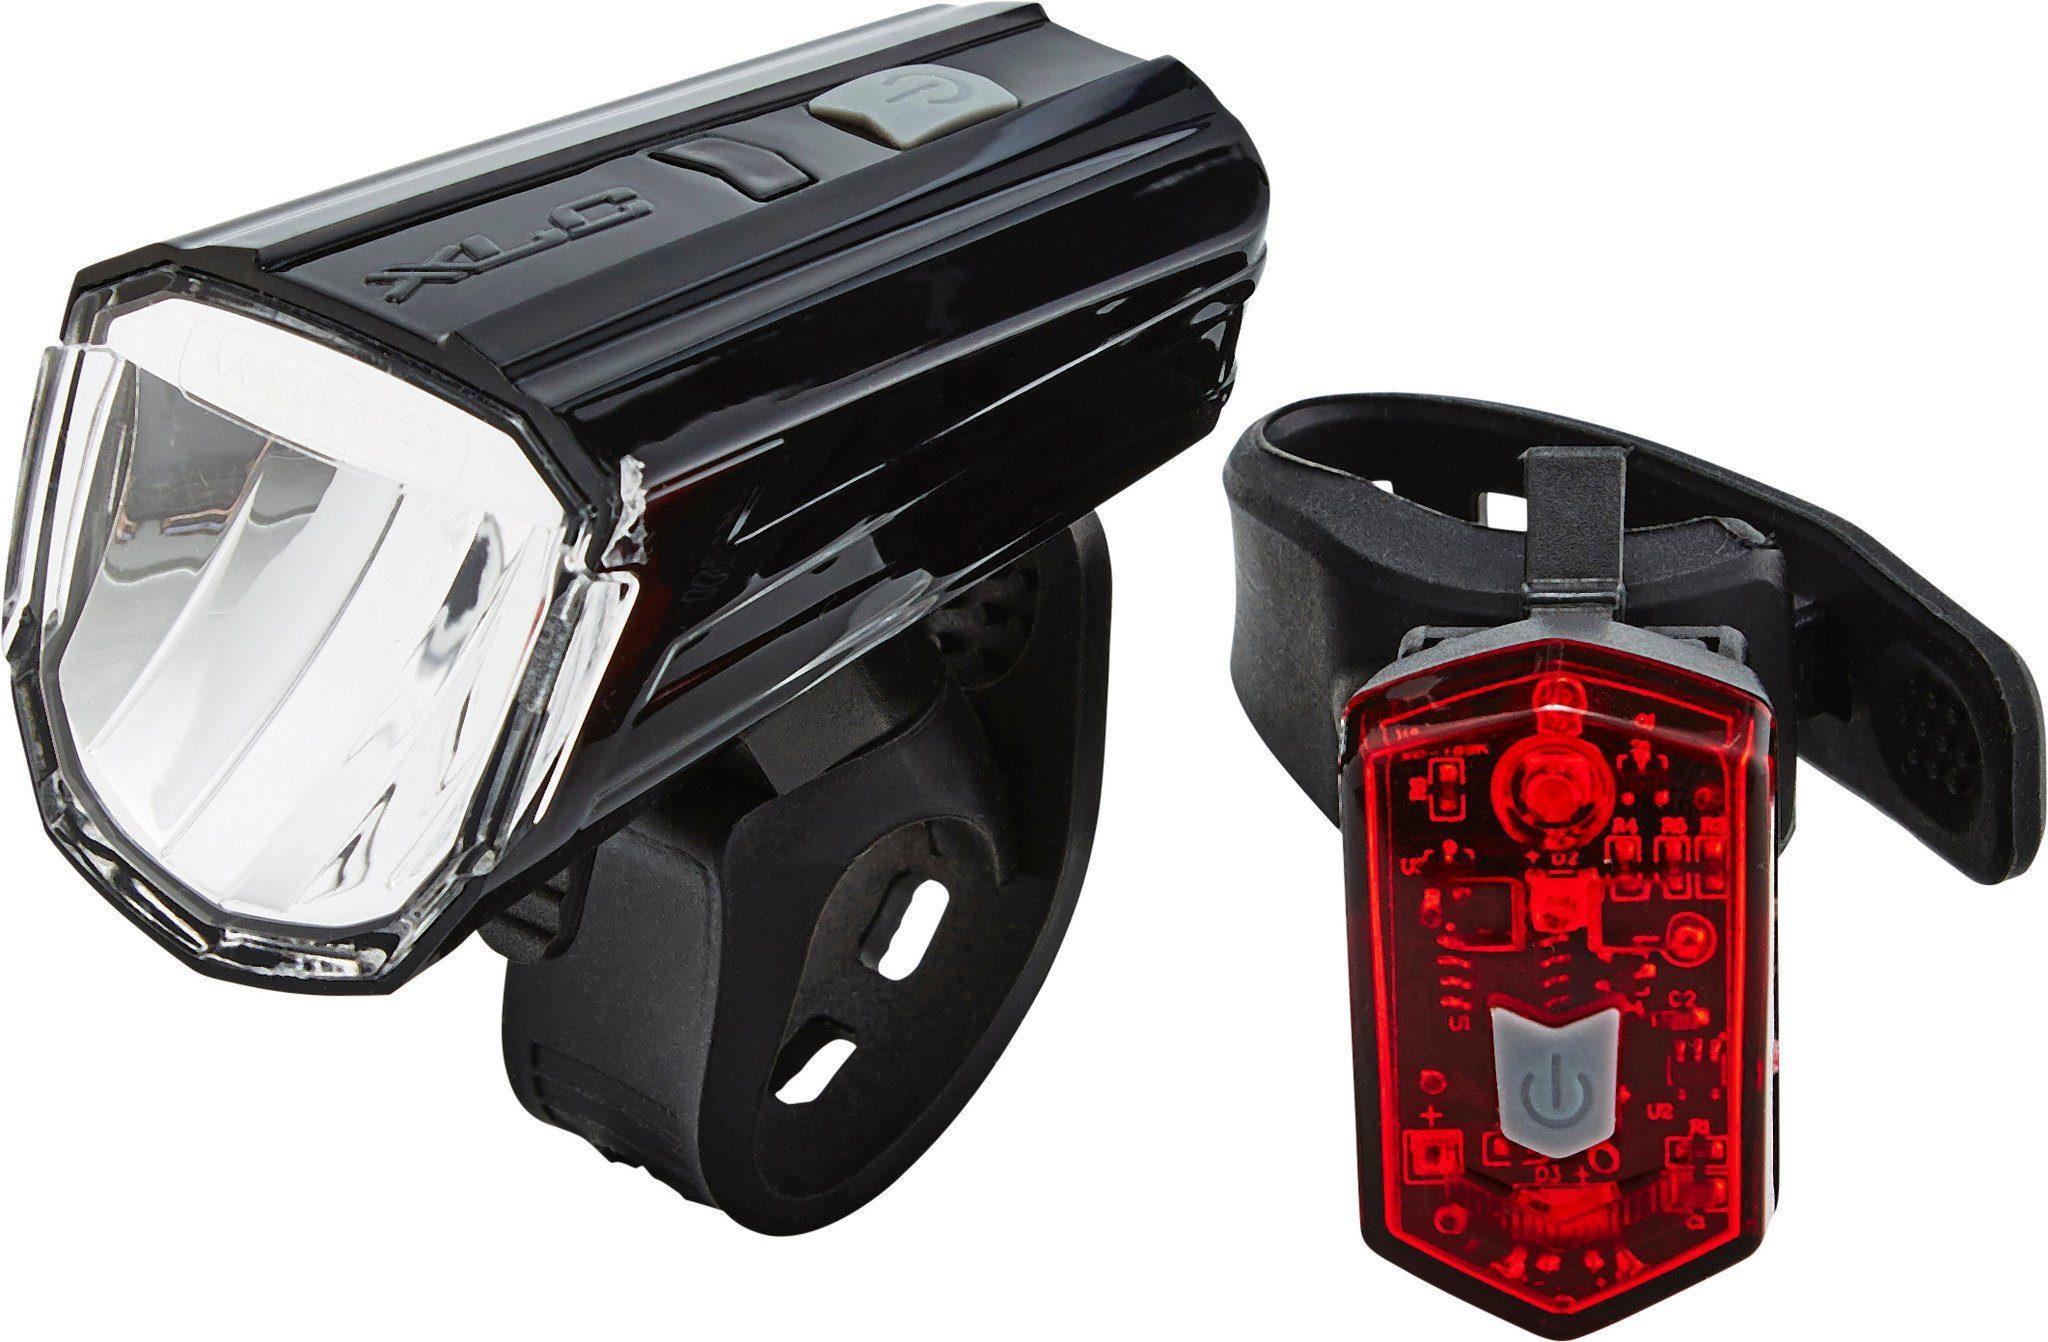 XLC Fahrradbeleuchtung »Comp Alderaan Bleuchtungsset«